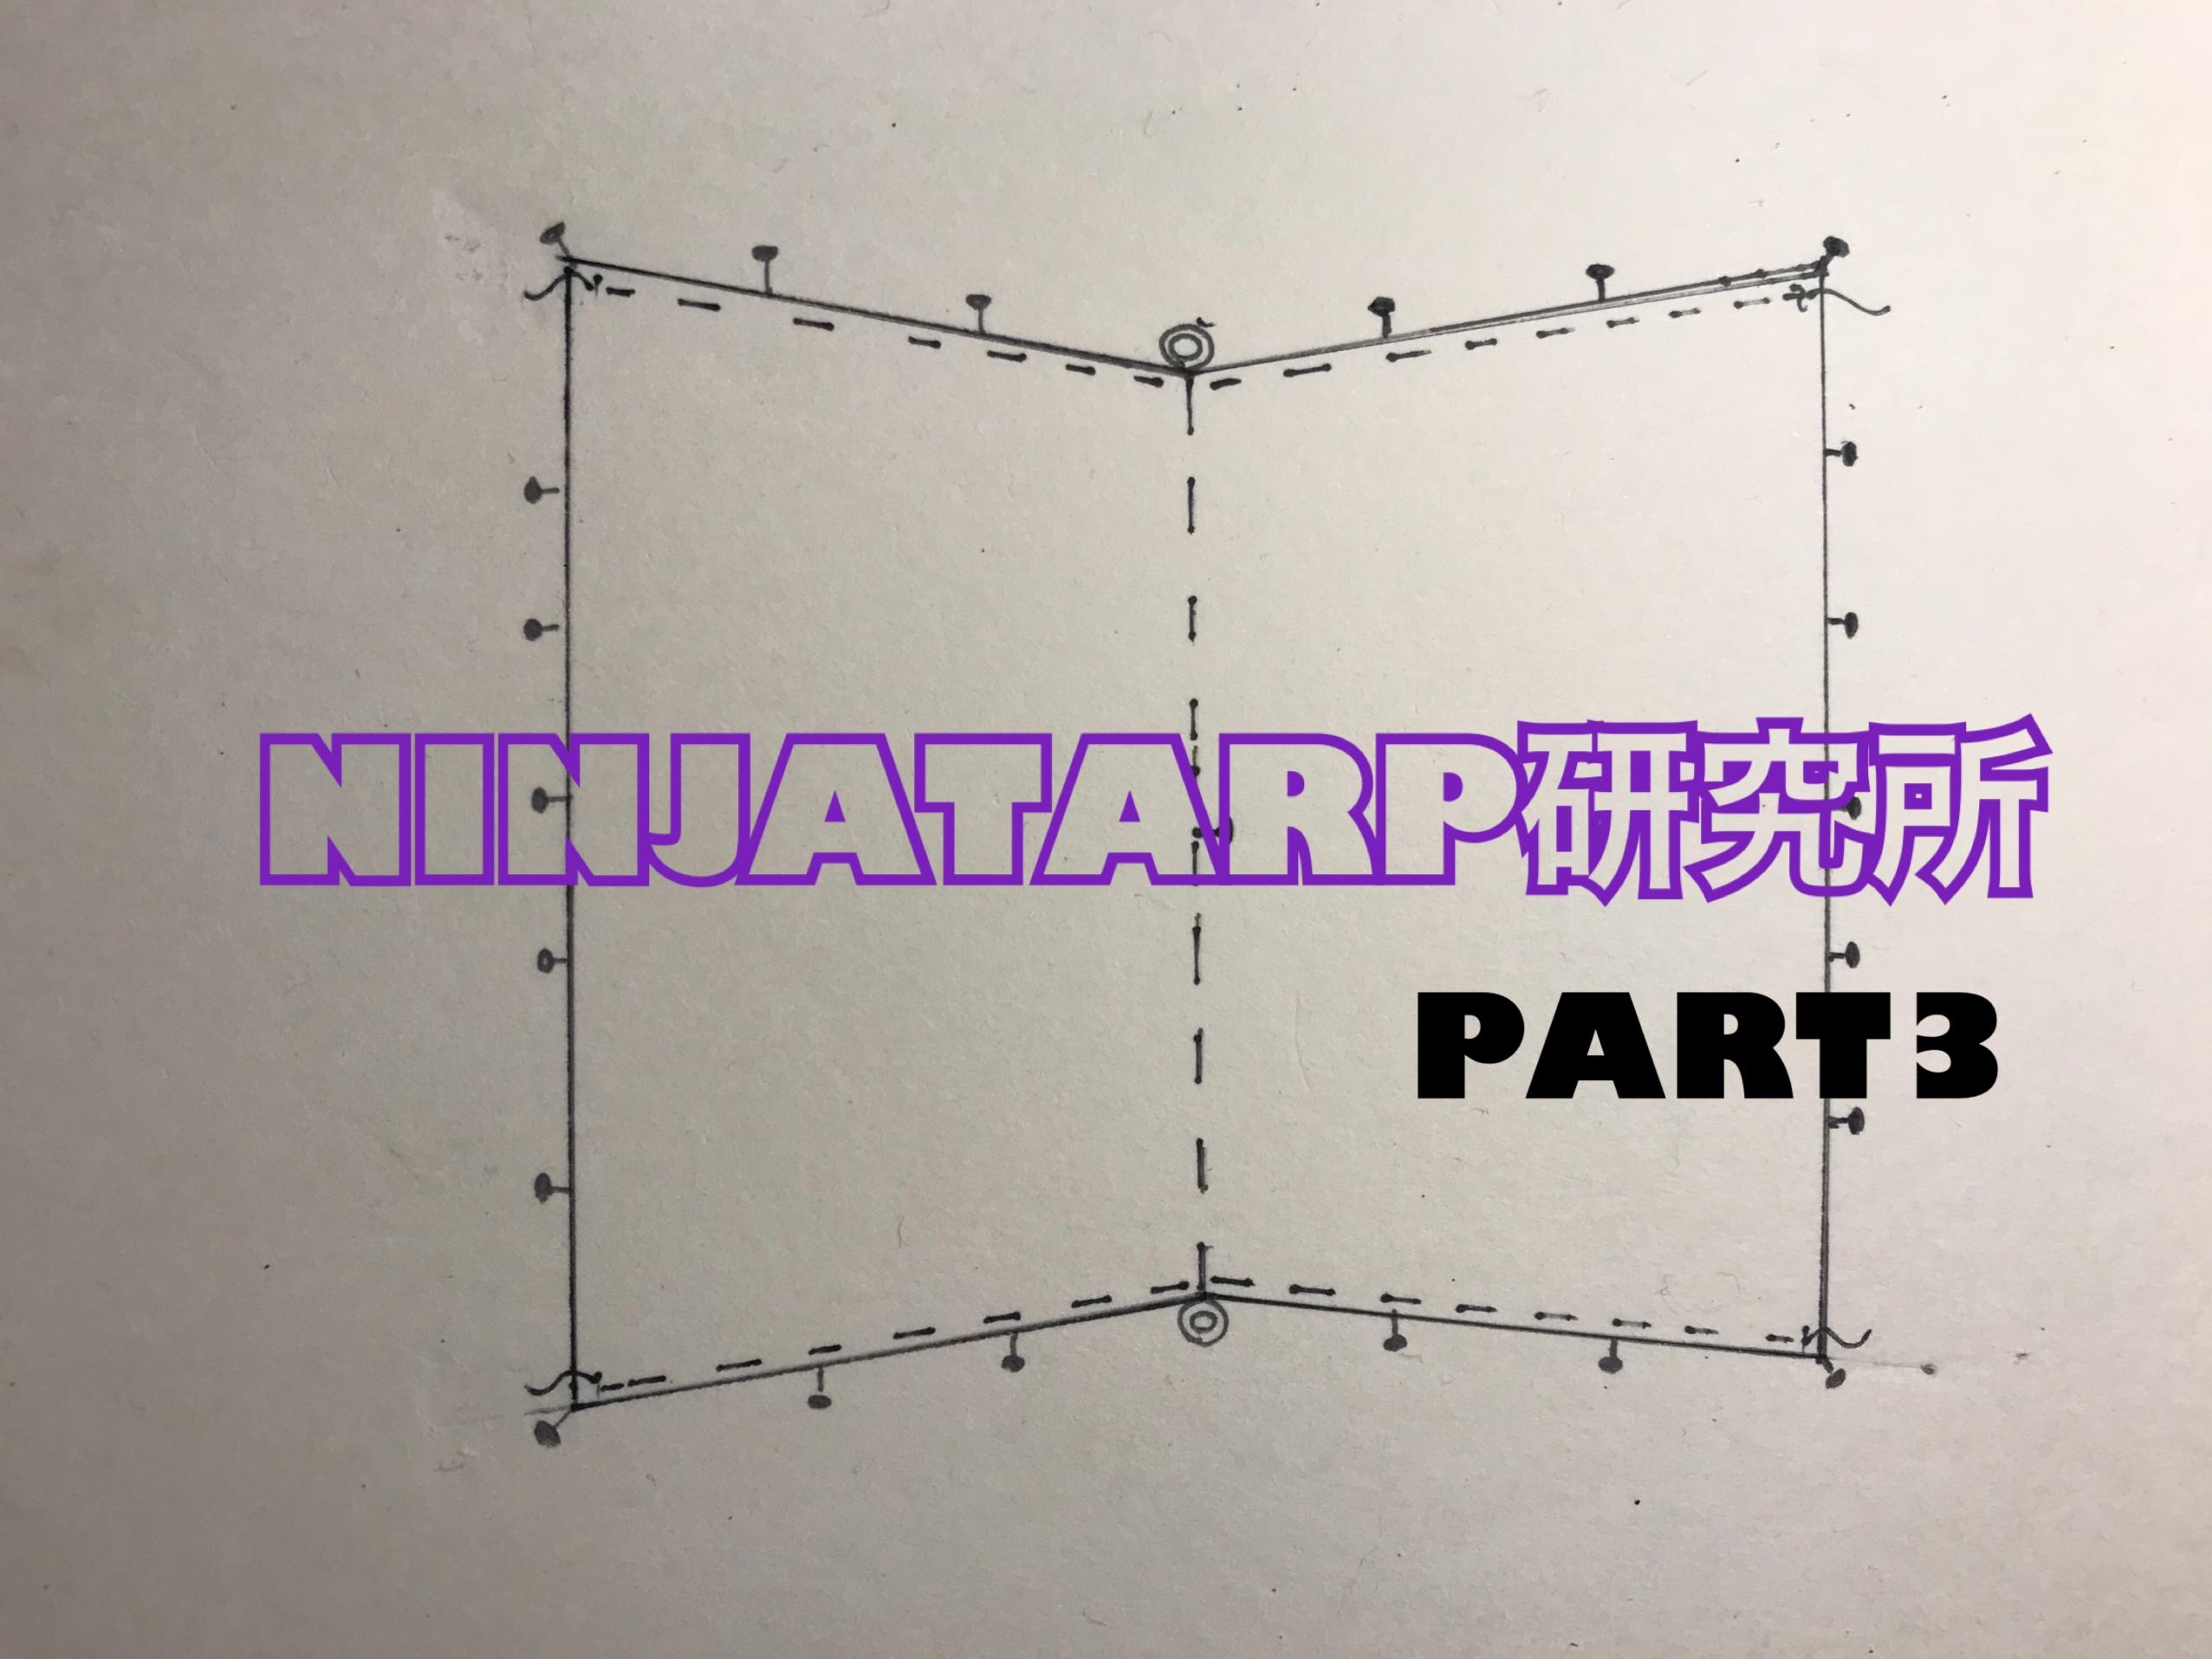 【NINJA TARP研究所】パーゴワークス ニンジャタープは変幻自在だ!第3ノ巻「マンタ型」!